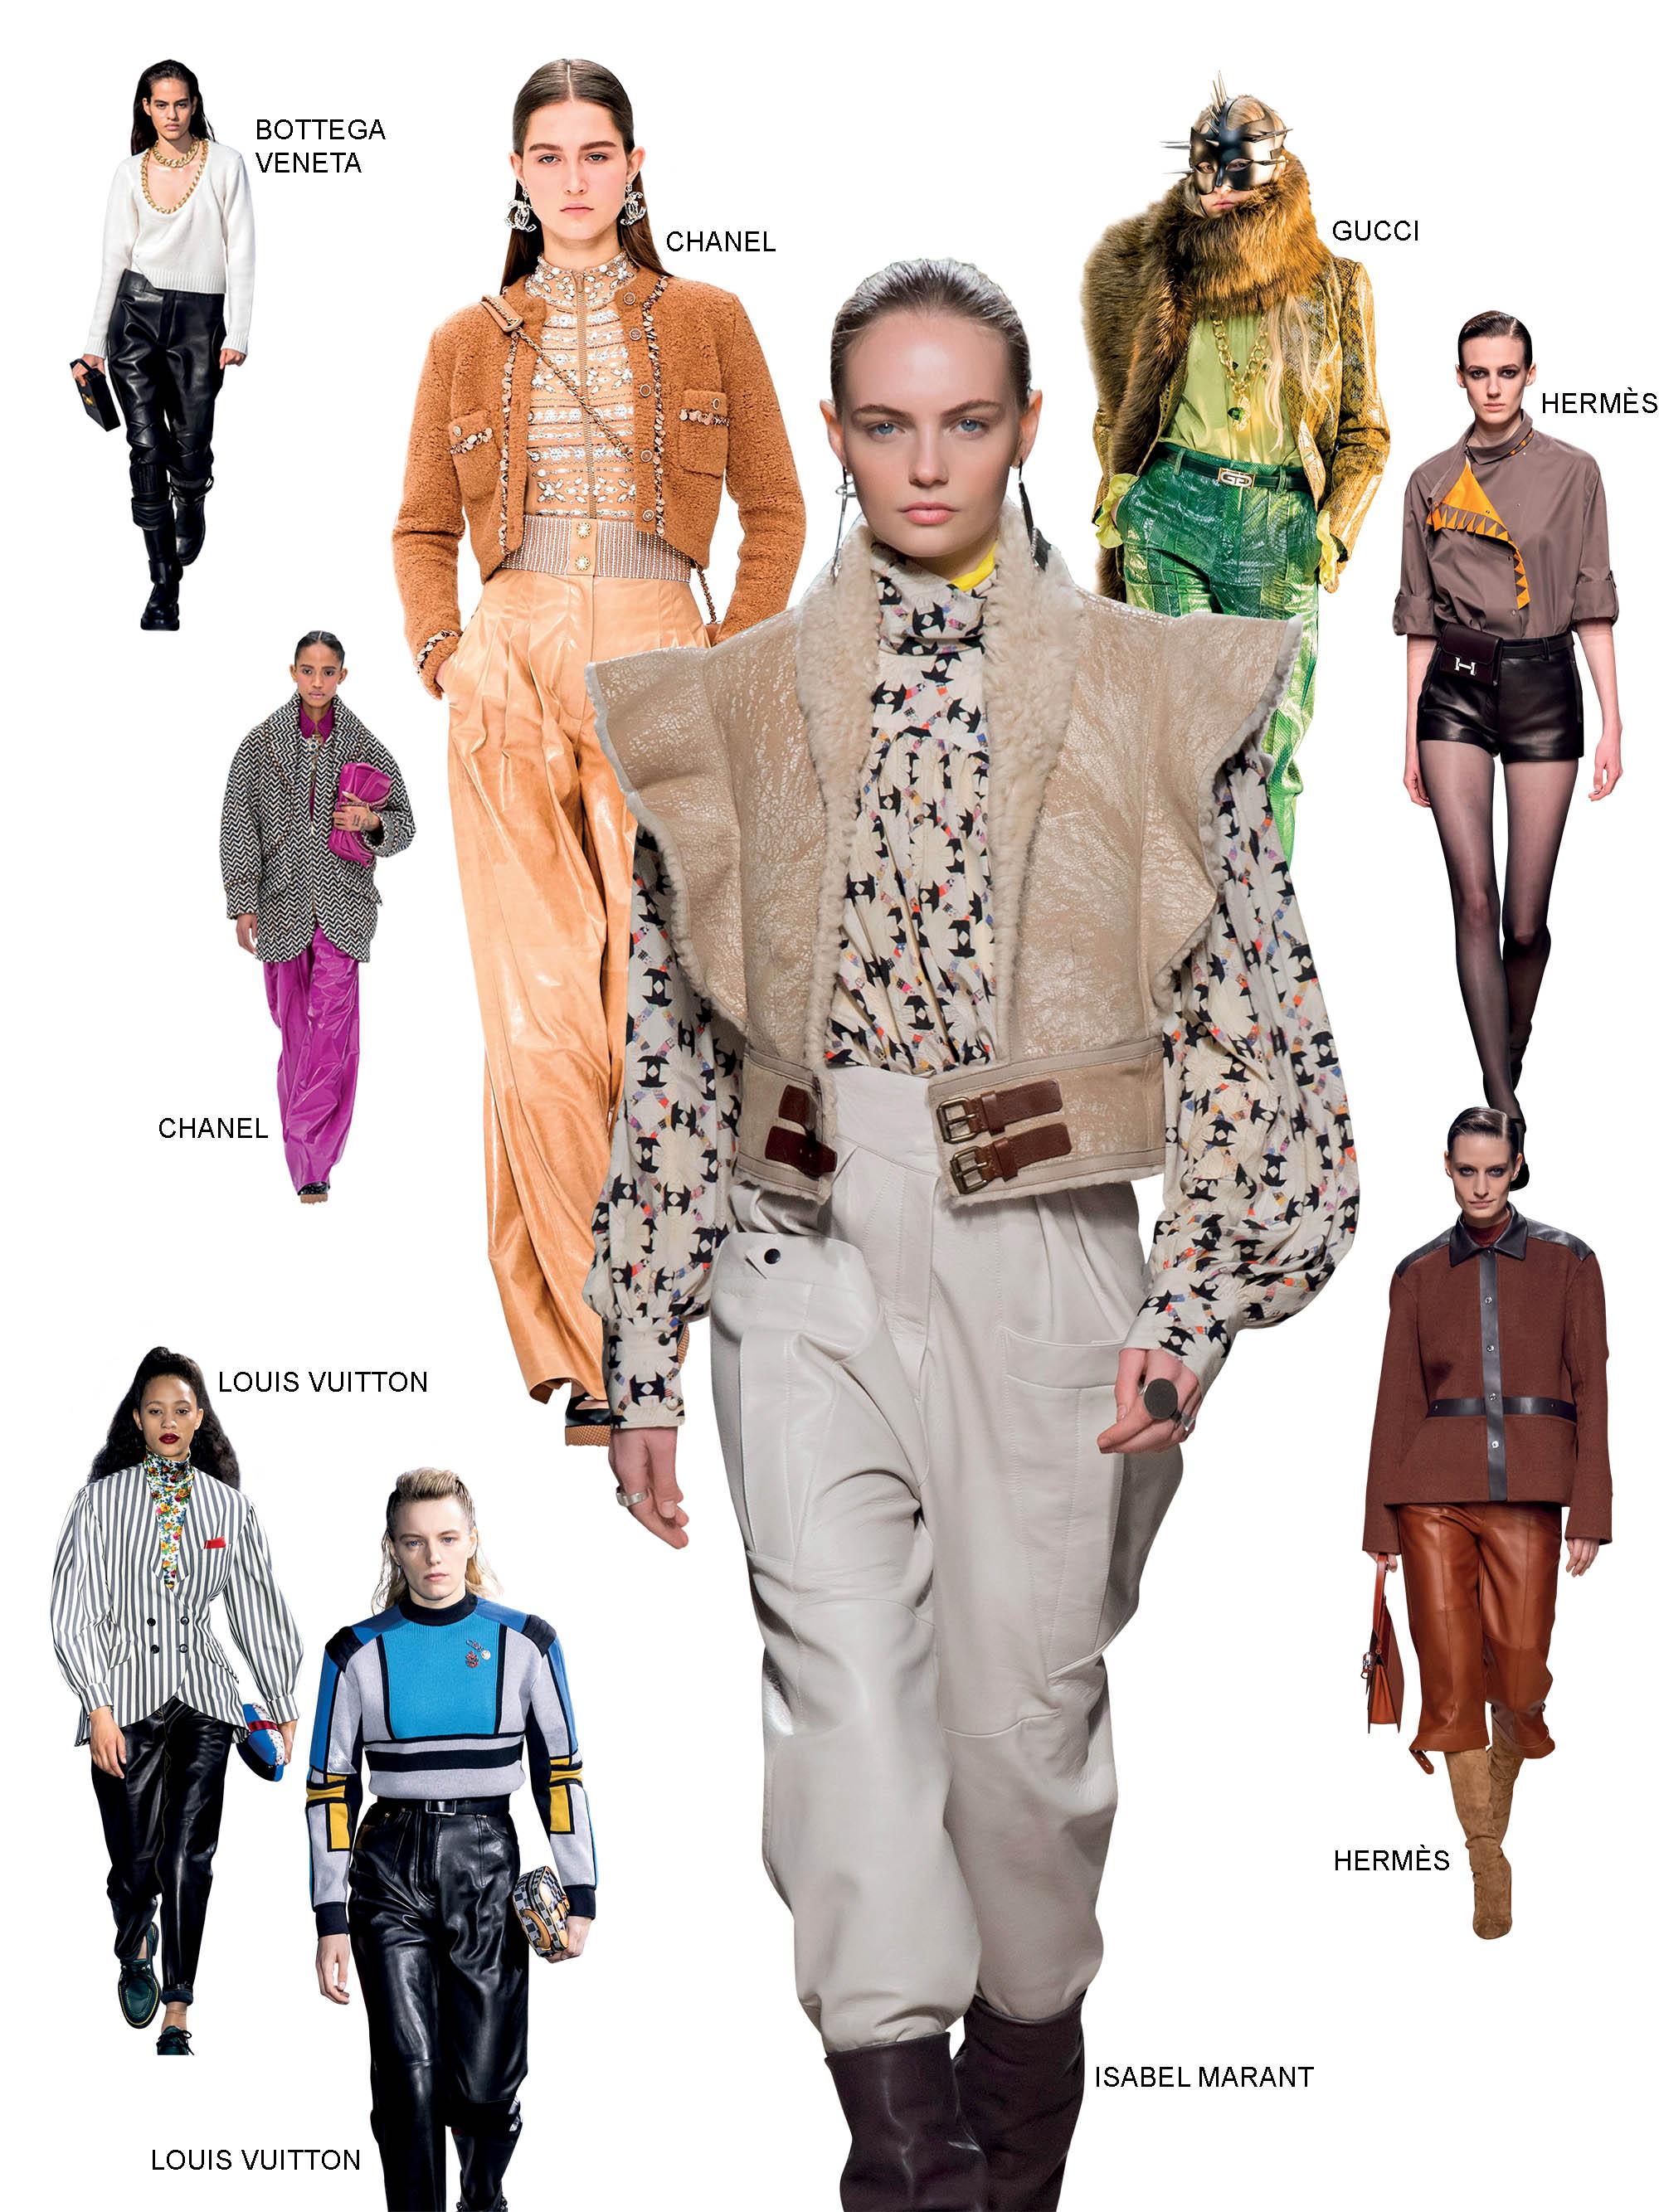 xu hướng thời trang nổi bật mùa thu đông 2019 4